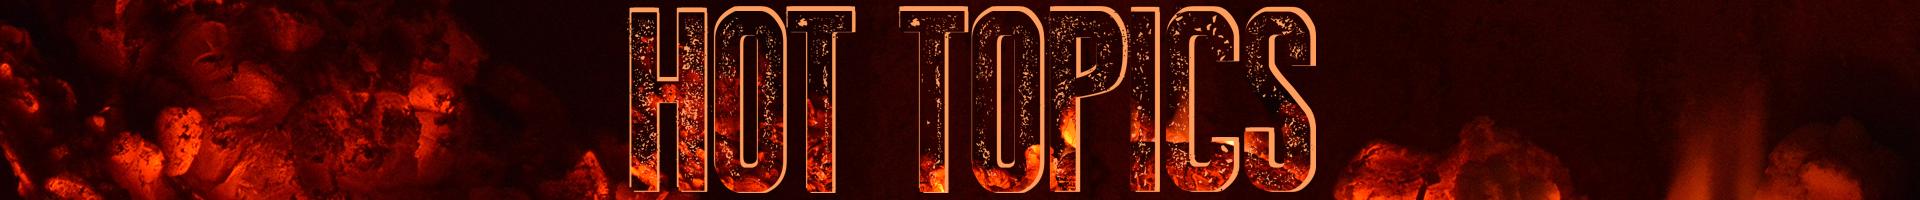 Hot Topics Strip.png